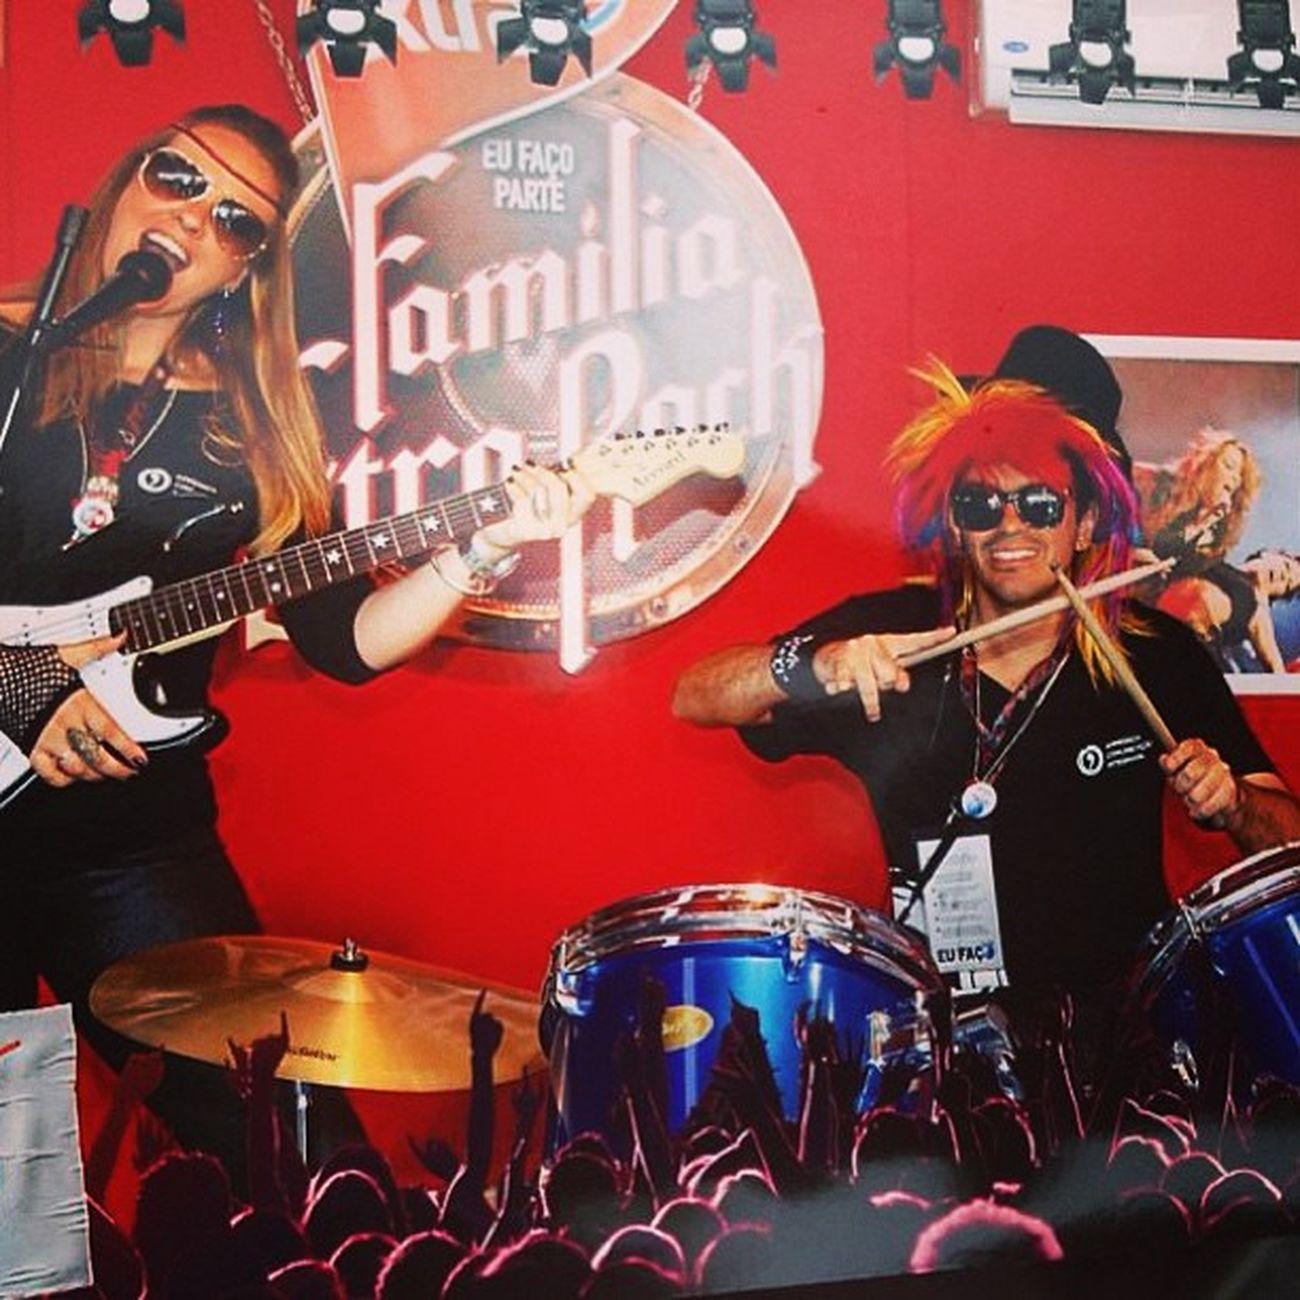 Eu e David ensaiando para entrar no Palco Mundo em 3.. 2.. 1.. Rockinrio Riodejaneiro Brazil